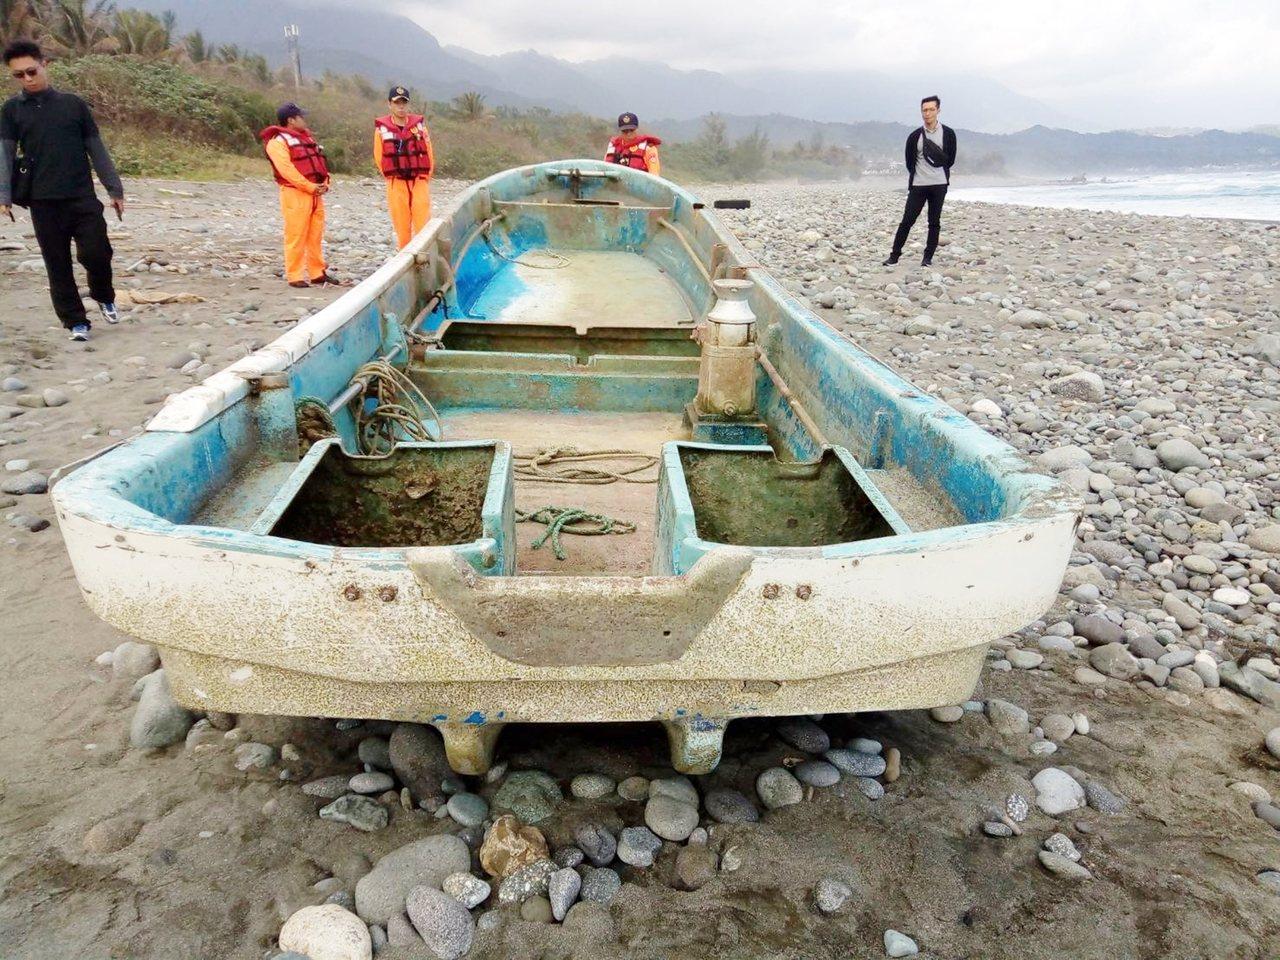 台東縣長濱鄉宜灣海域今天上午出現一艘海漂日籍漁船,船體完整但外掛引擎掉落。記者羅...